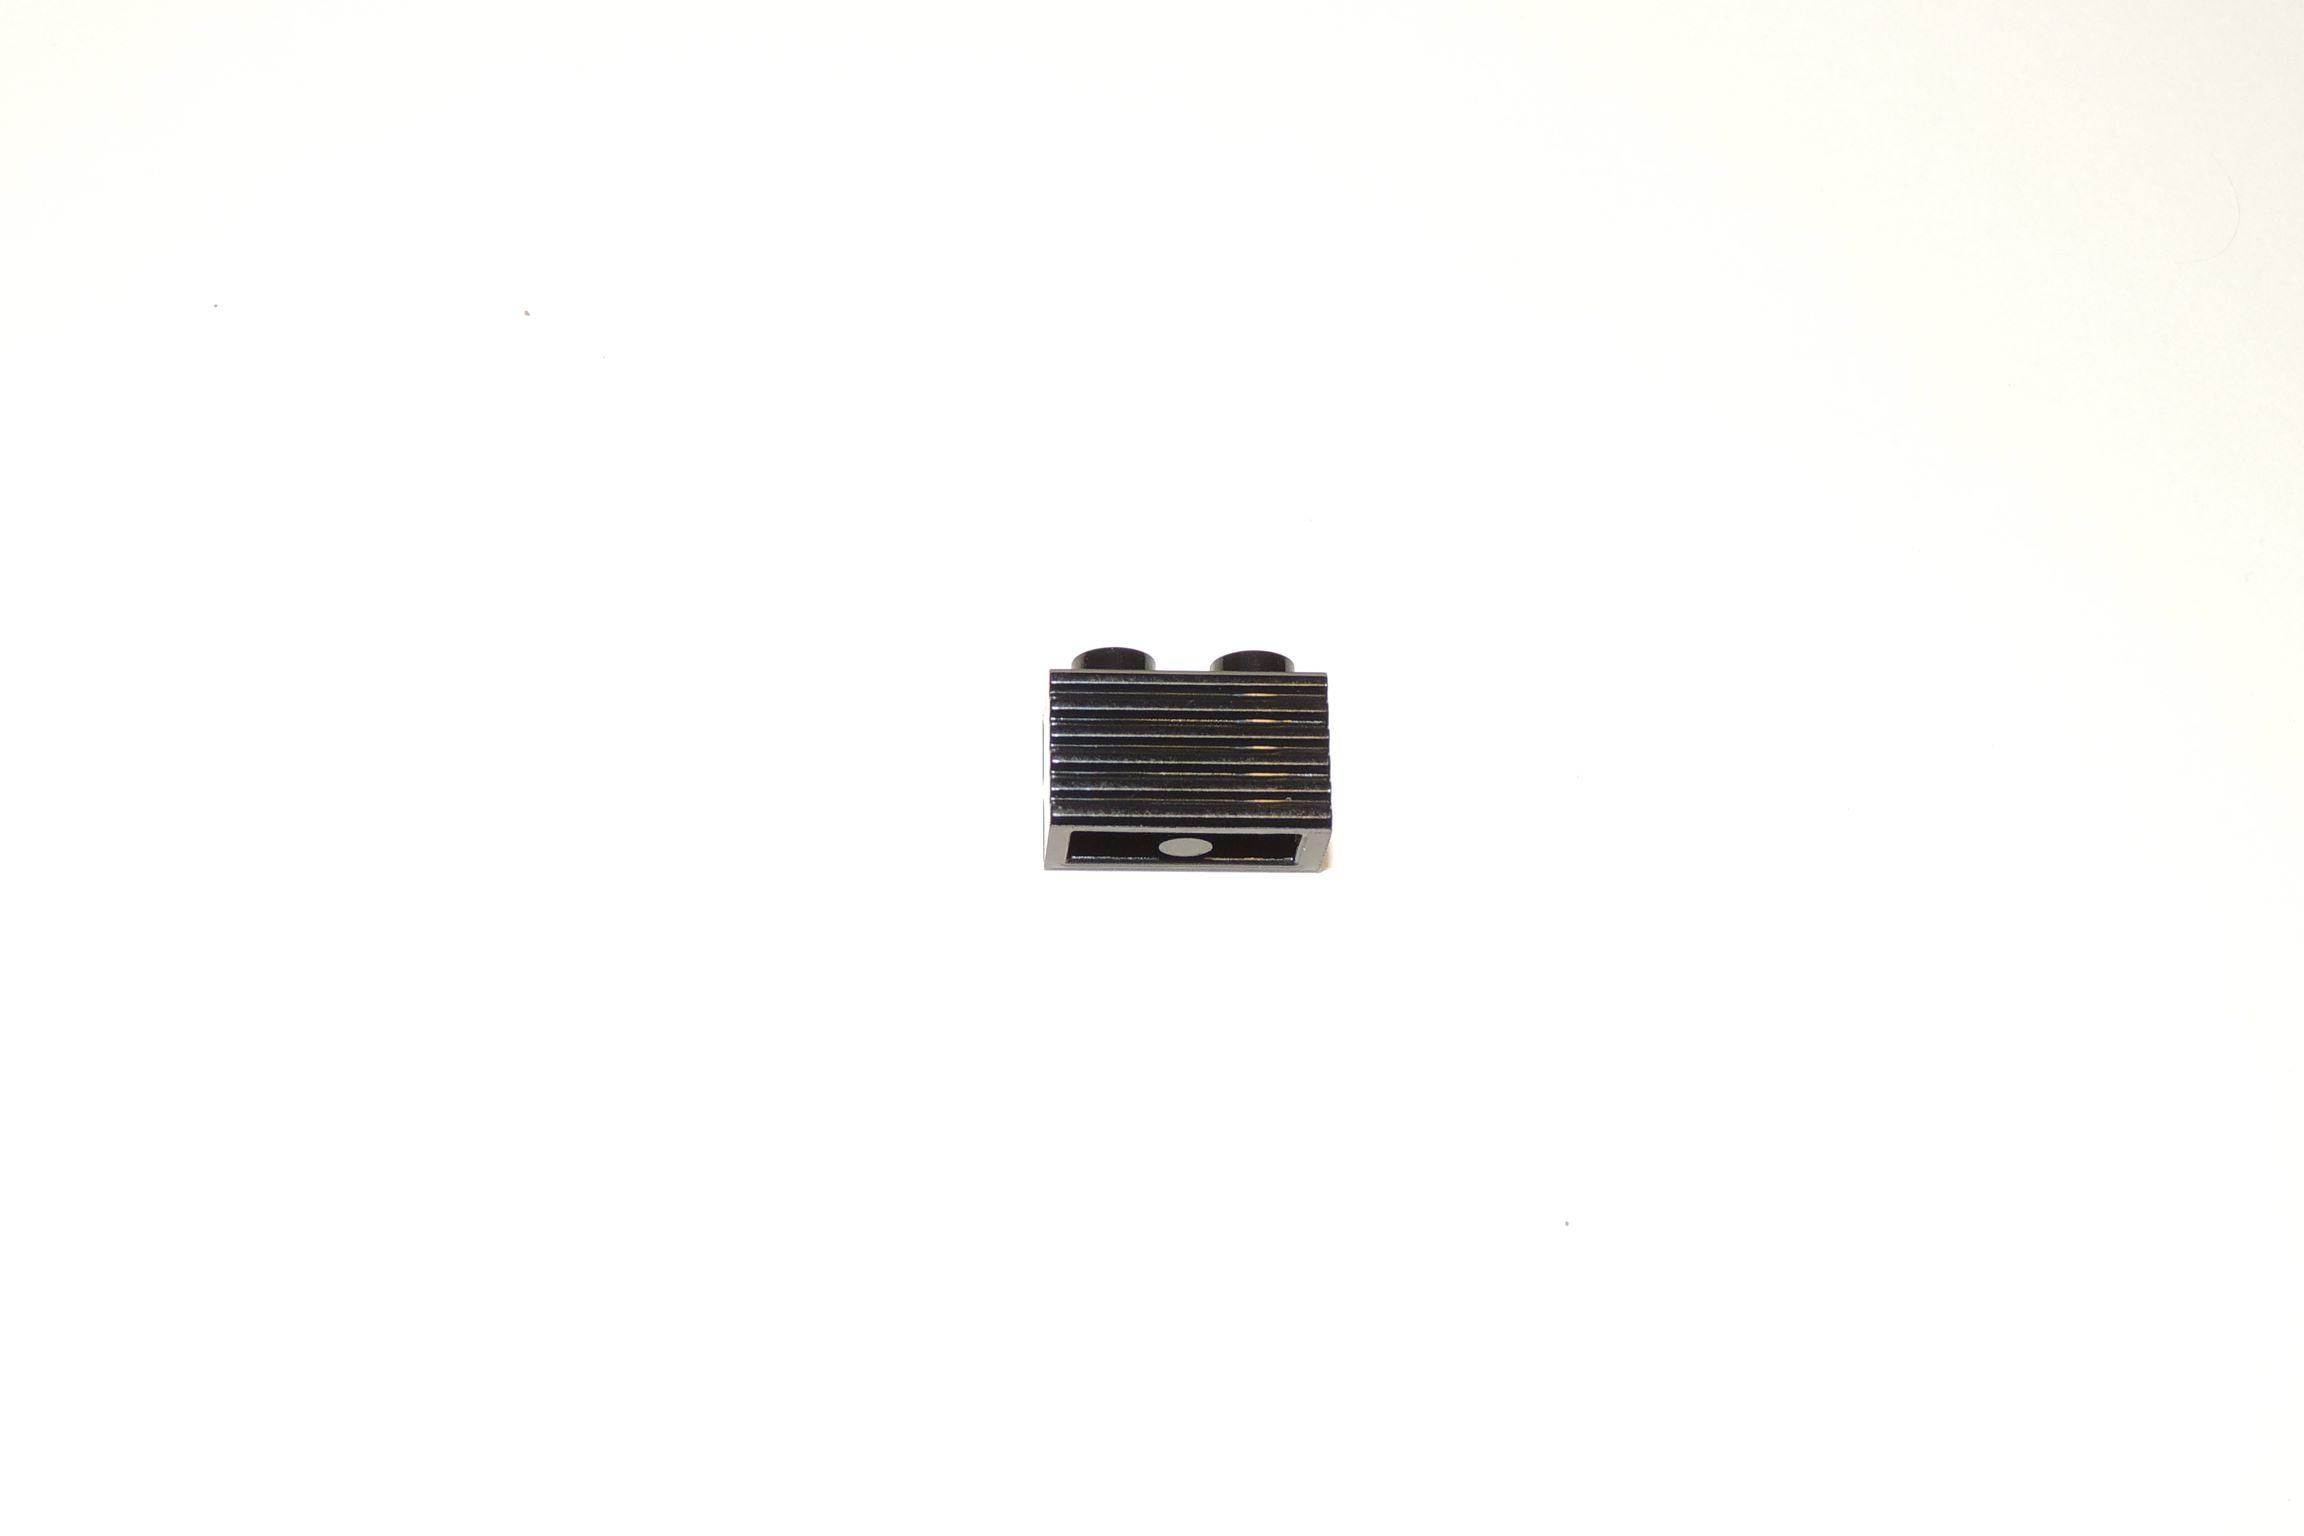 Wieder ein Kombinationsstein in Schwarz - but wait, there's more!